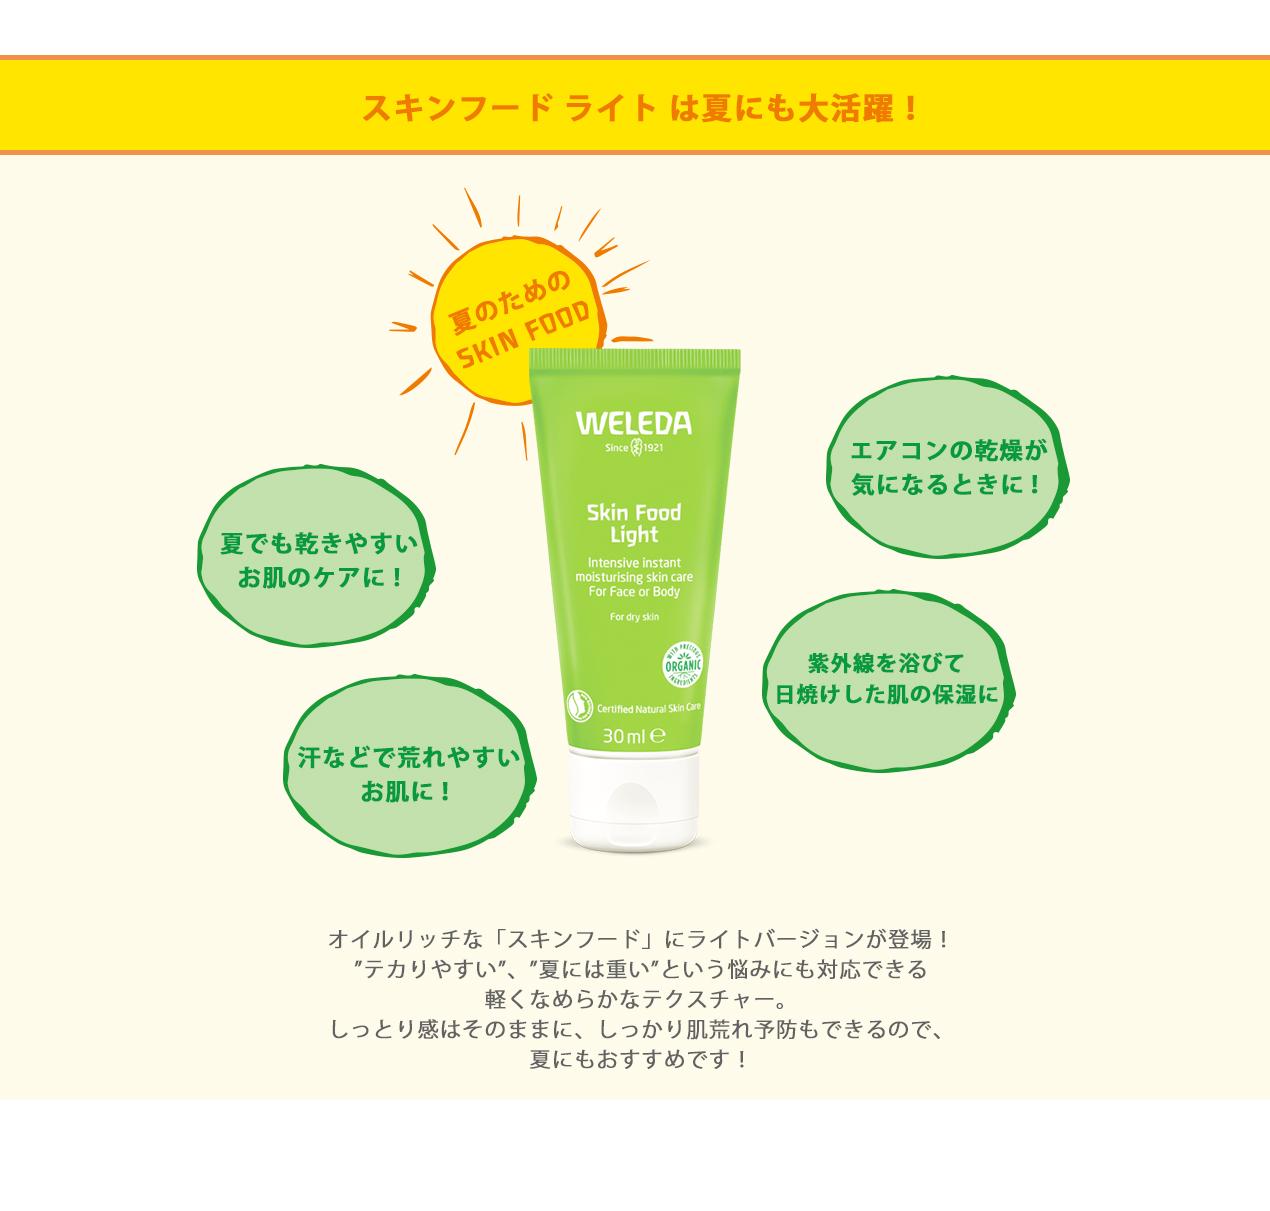 【ヴェレダ】スキンフードライト 6/20(木)全国発売開始!